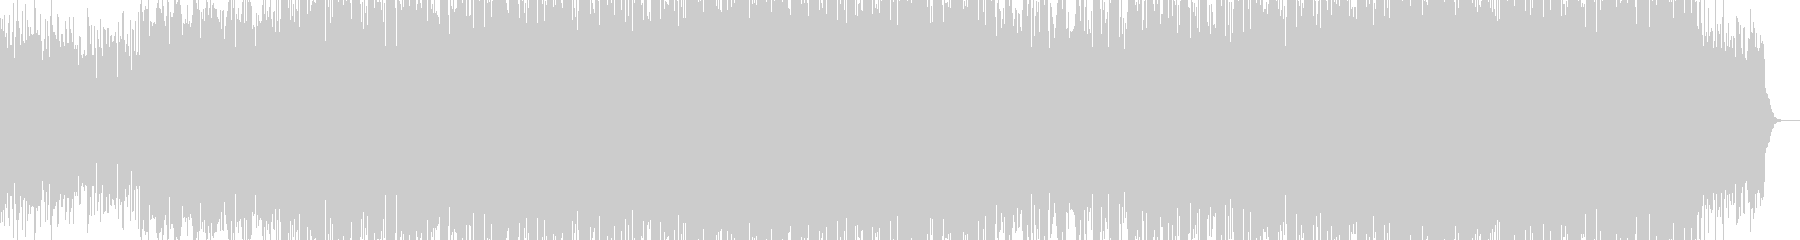 映画音楽、荘厳重厚、映像向け-33の未再生の波形